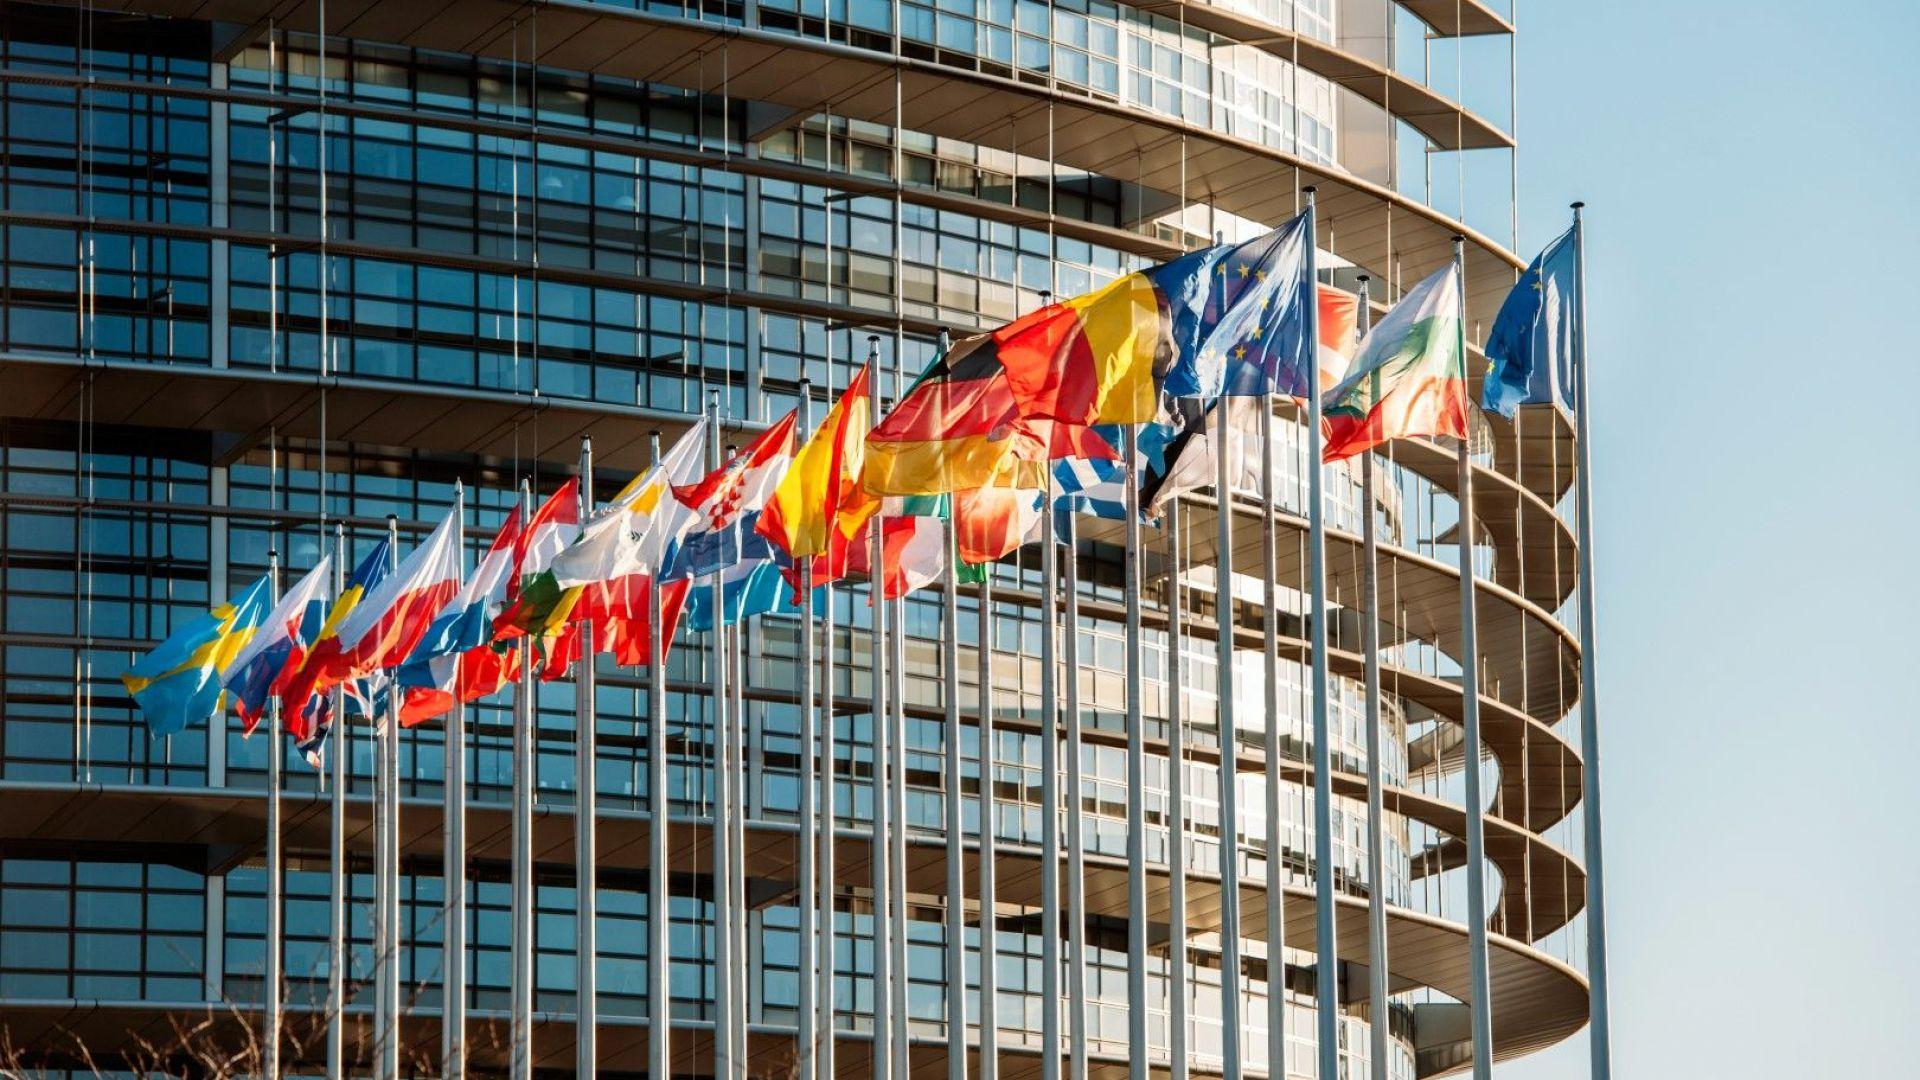 ЕП прие остра антируска резолюция: иска още санкции